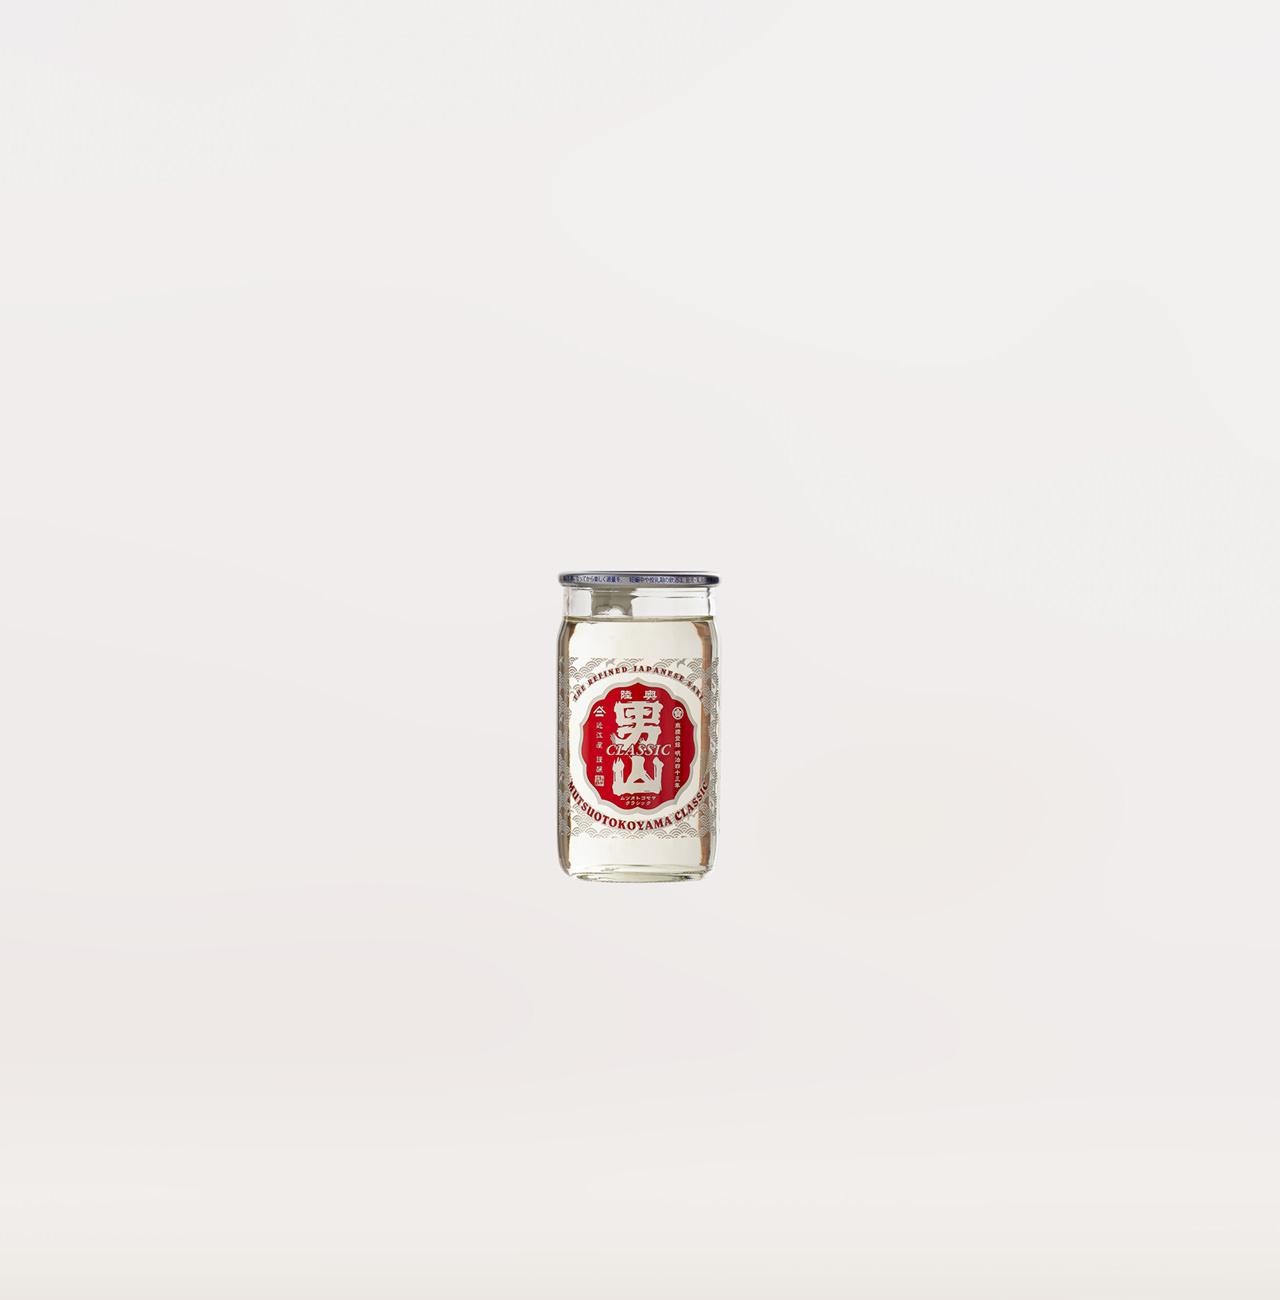 陸奥男山 カップ酒 180ml